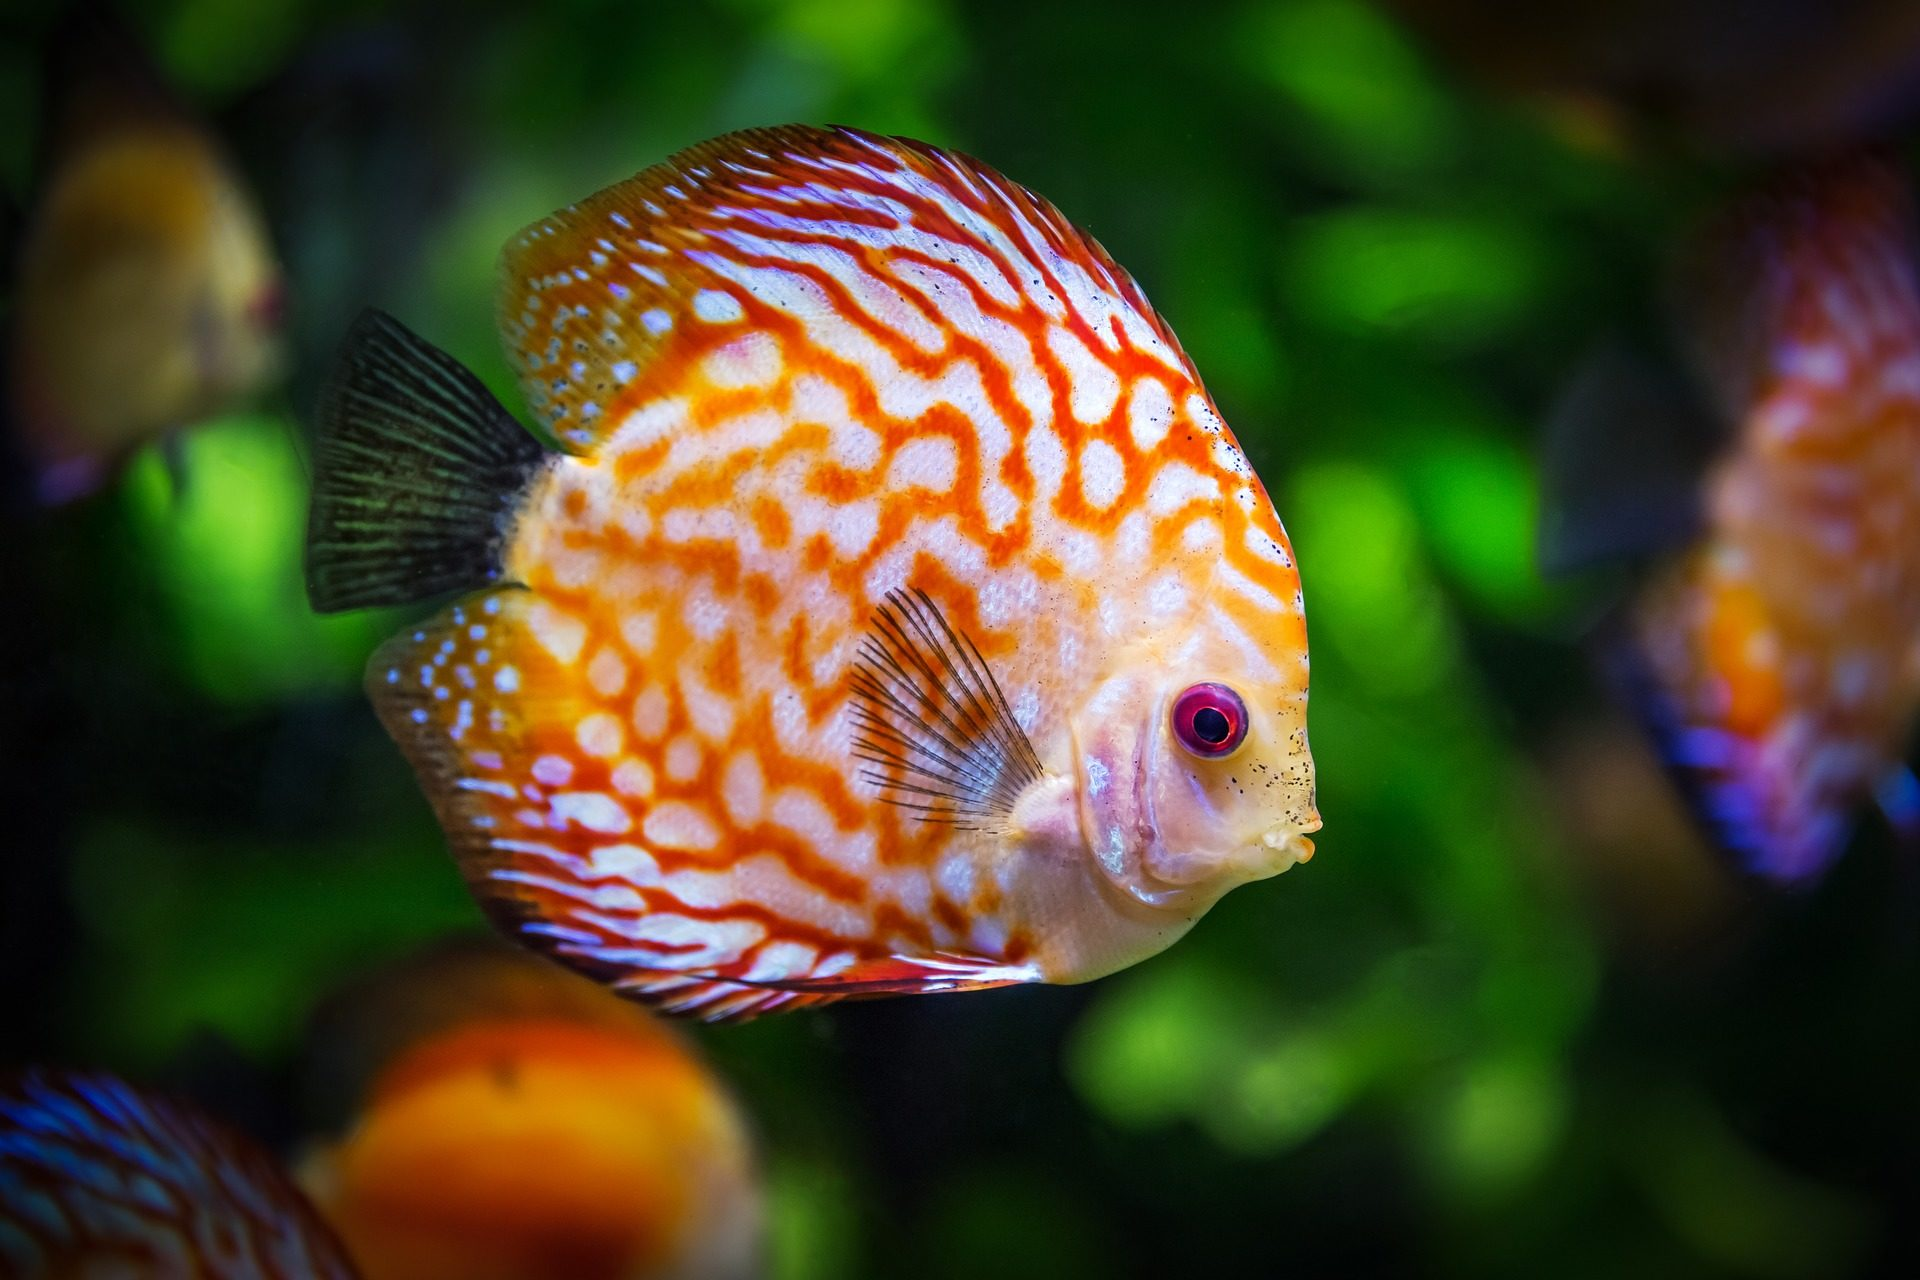 鱼, 磁盘, 多彩, 热带, 水族馆 - 高清壁纸 - 教授-falken.com